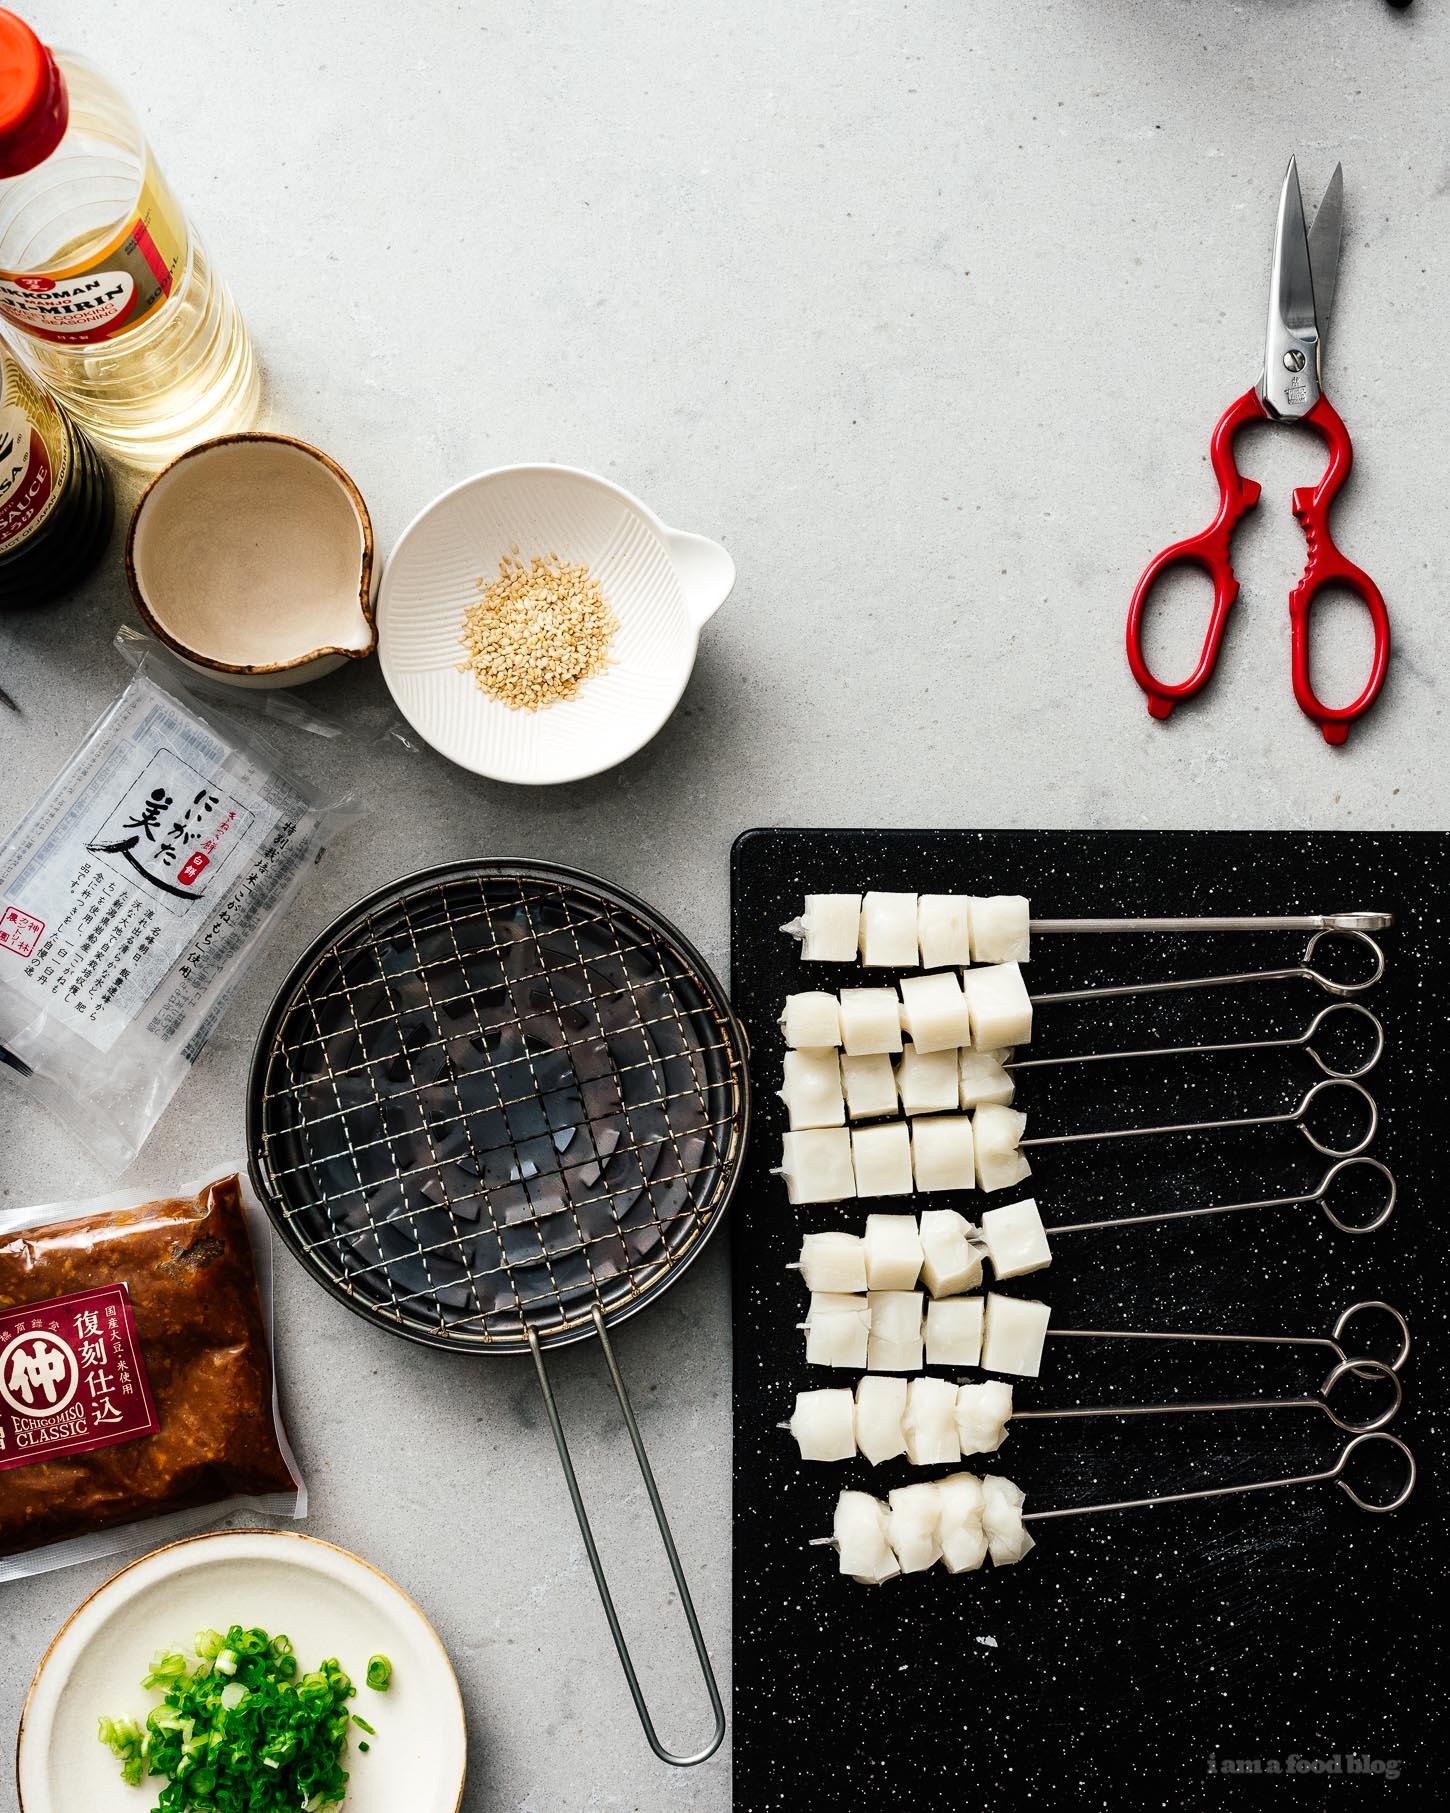 Todo lo que siempre quiso saber sobre el mochi japonés: qué es, cómo comerlo, cualquier motivo por el que lo desee.  Créame cuando digo que el mochi es el ingrediente secreto que su barbacoa debe llevar al siguiente nivel.  Prueba esta sencilla receta de yakimochi, ¡nunca volverás a ser el mismo!  #mochi #comida japonesa # recetas # japón